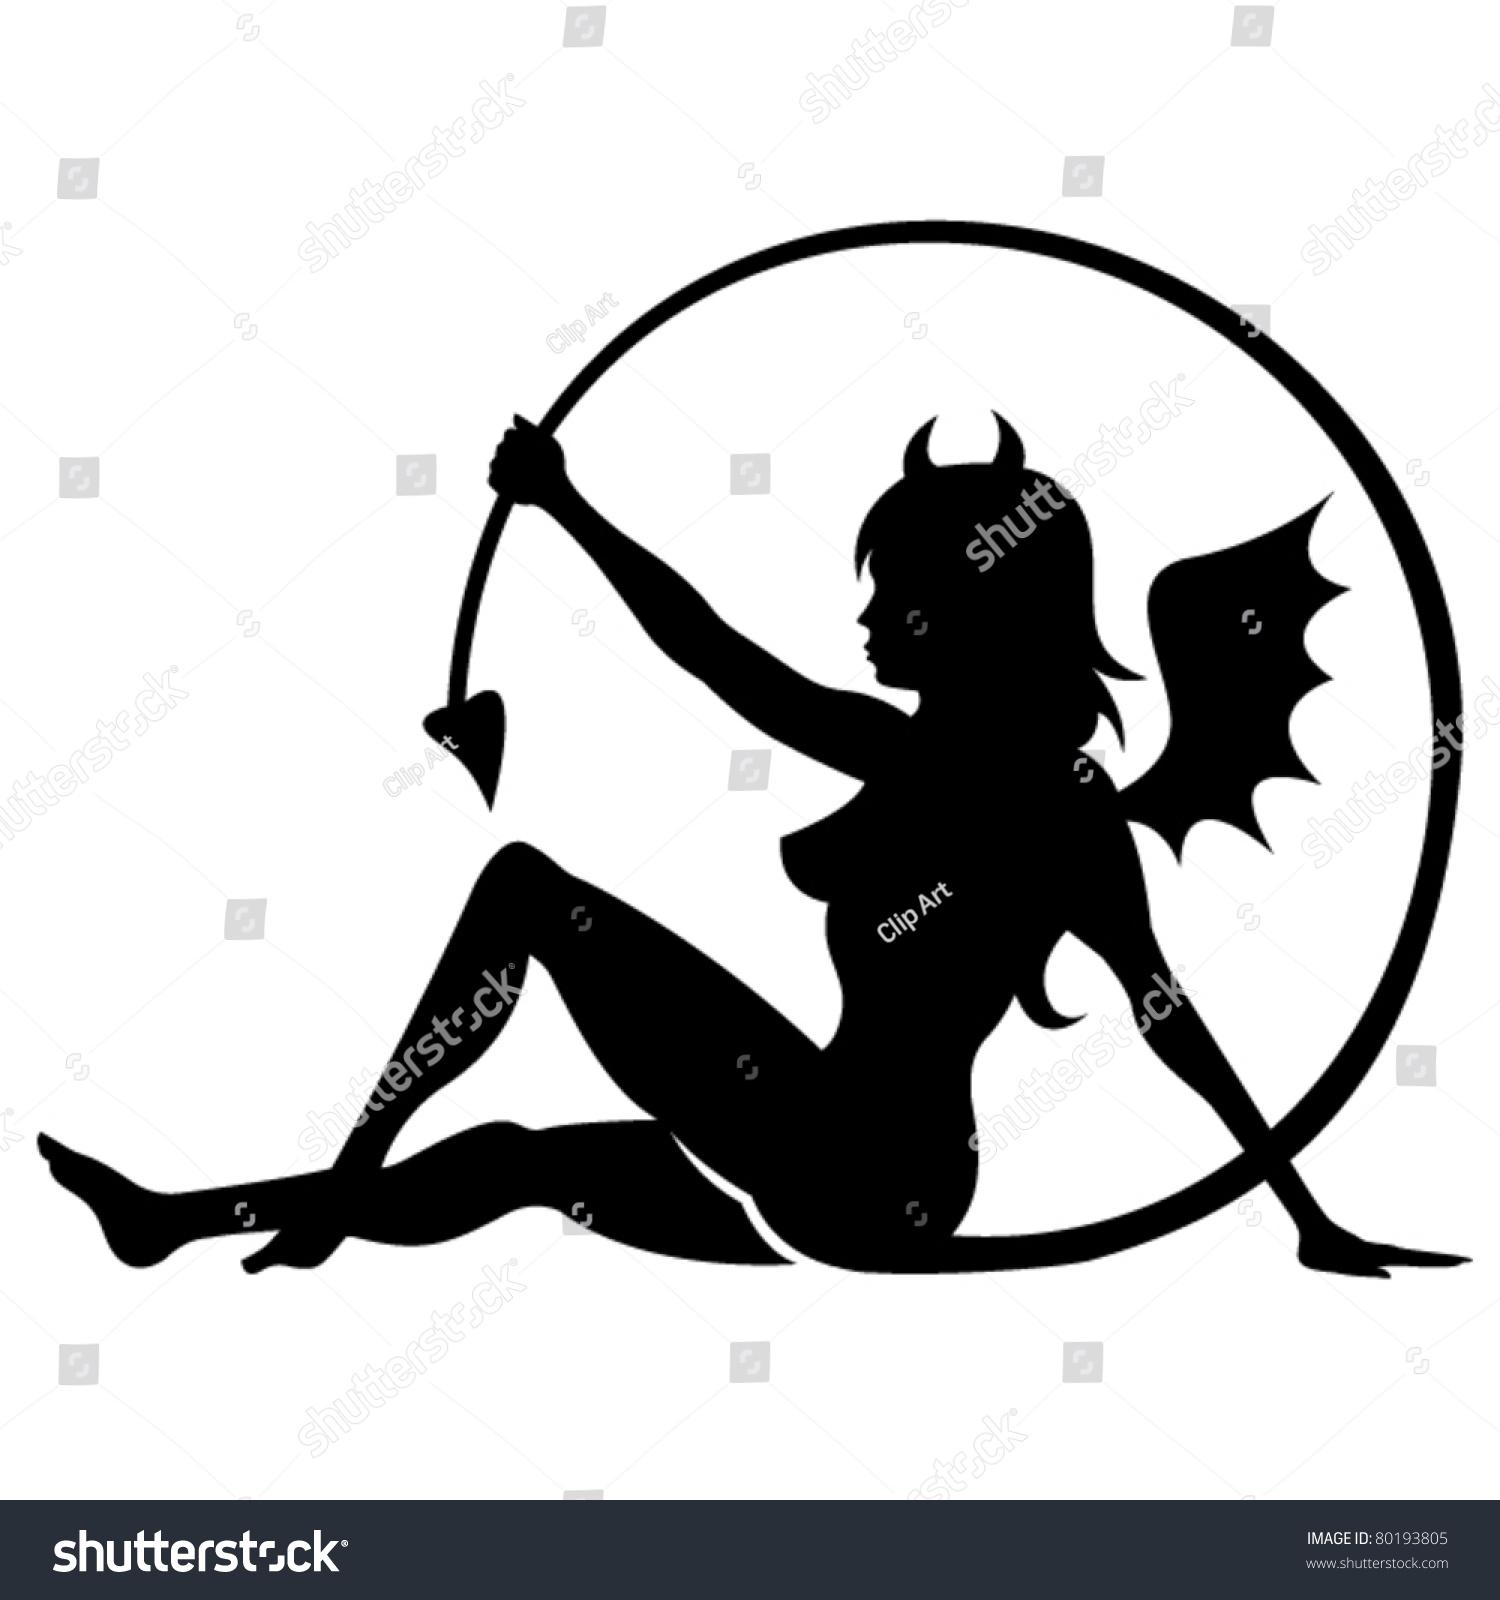 Devil girl tattoo design silhouette stock vector 80193805 for Female silhouette tattoo